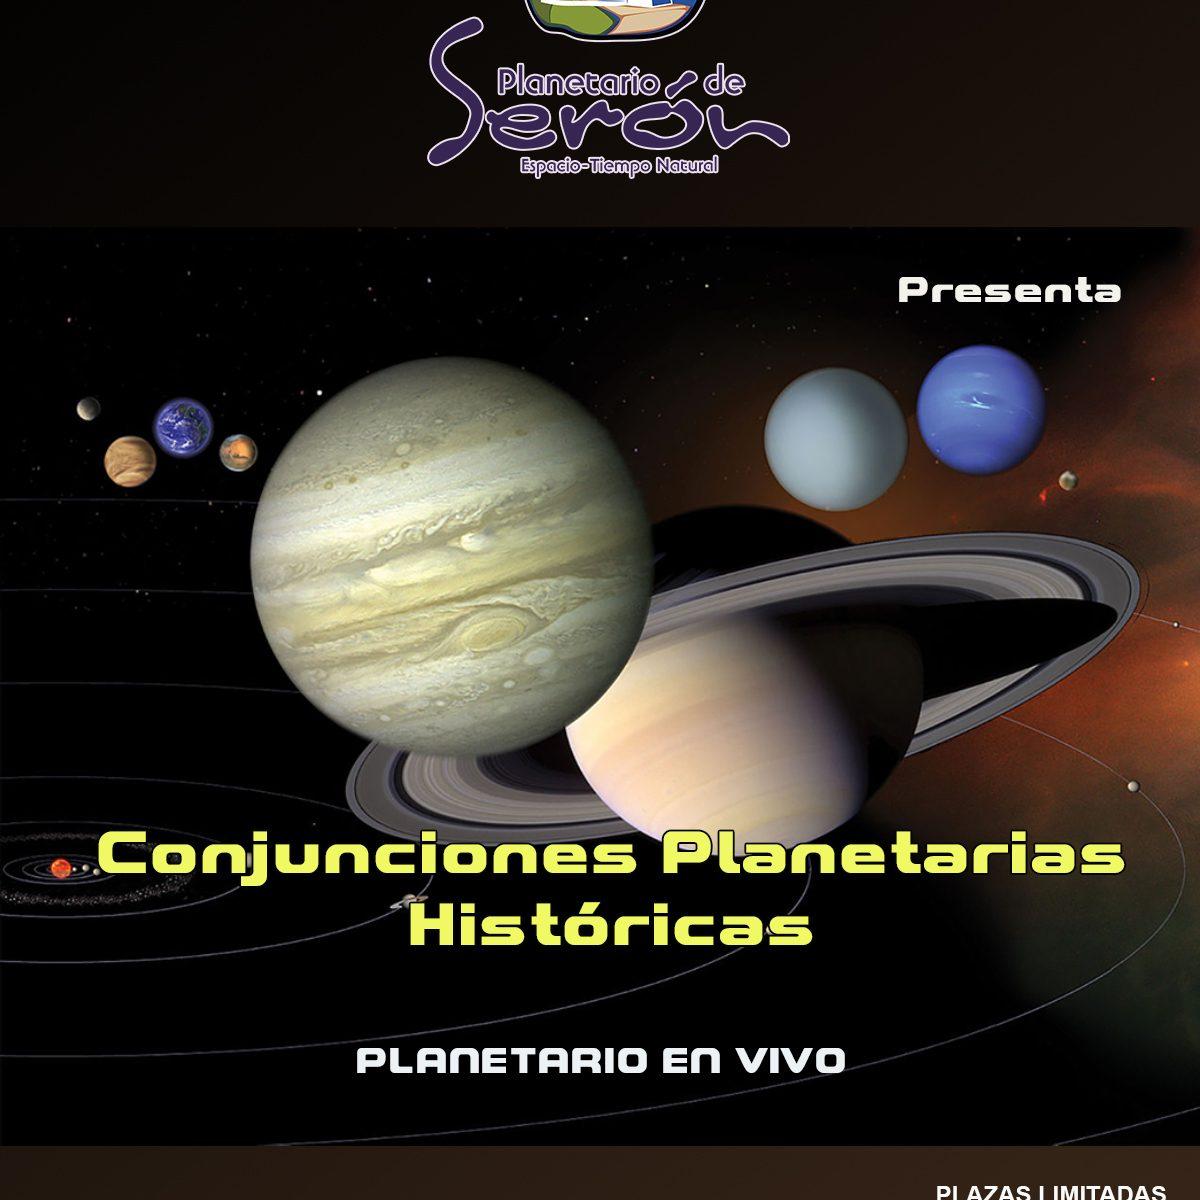 conjunciones-planetarias-historicas